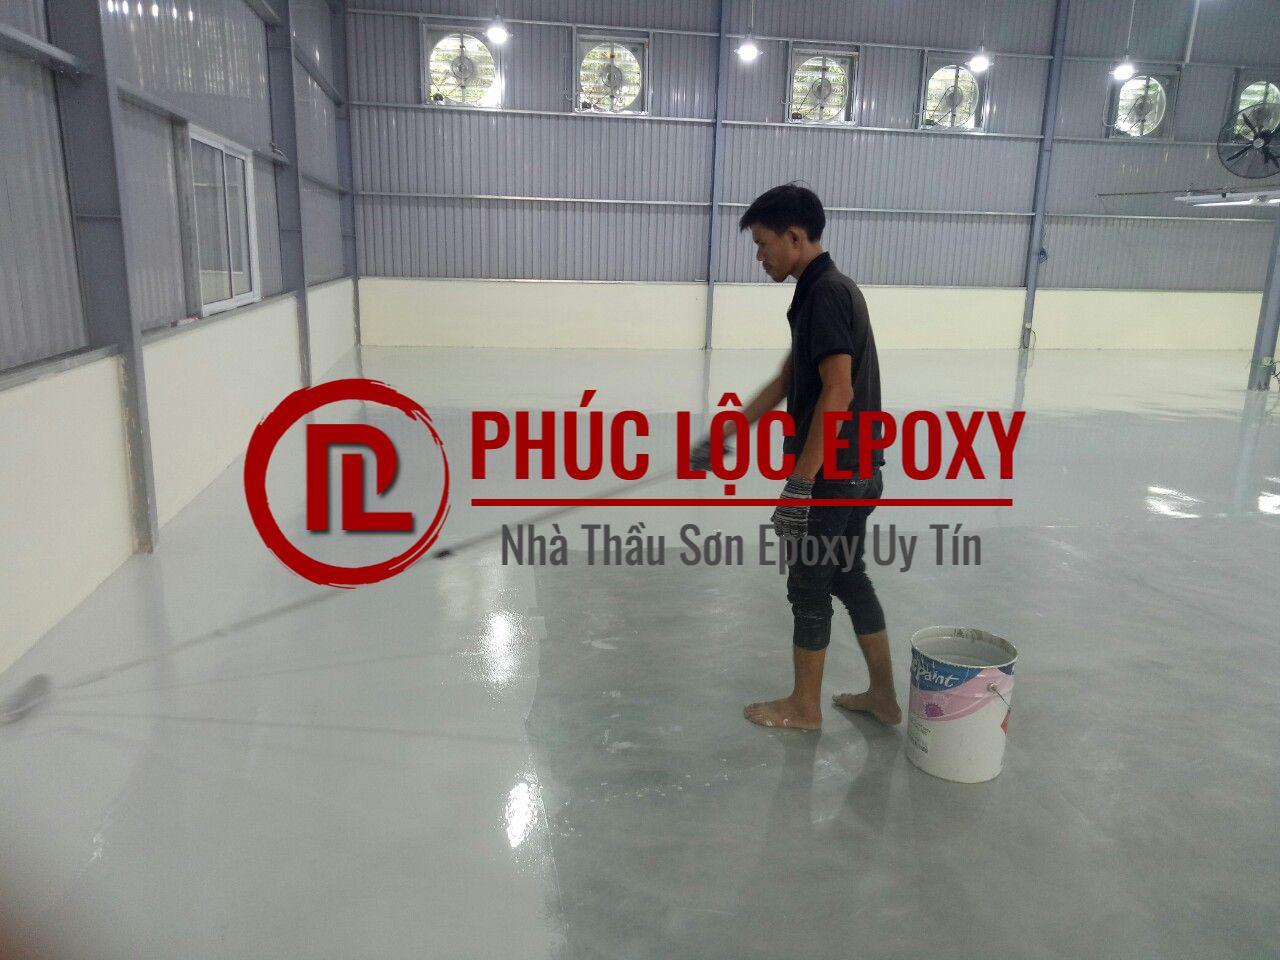 Thi công sơn nền sơn sàn epoxy tại Bắc Ninh 【9901】